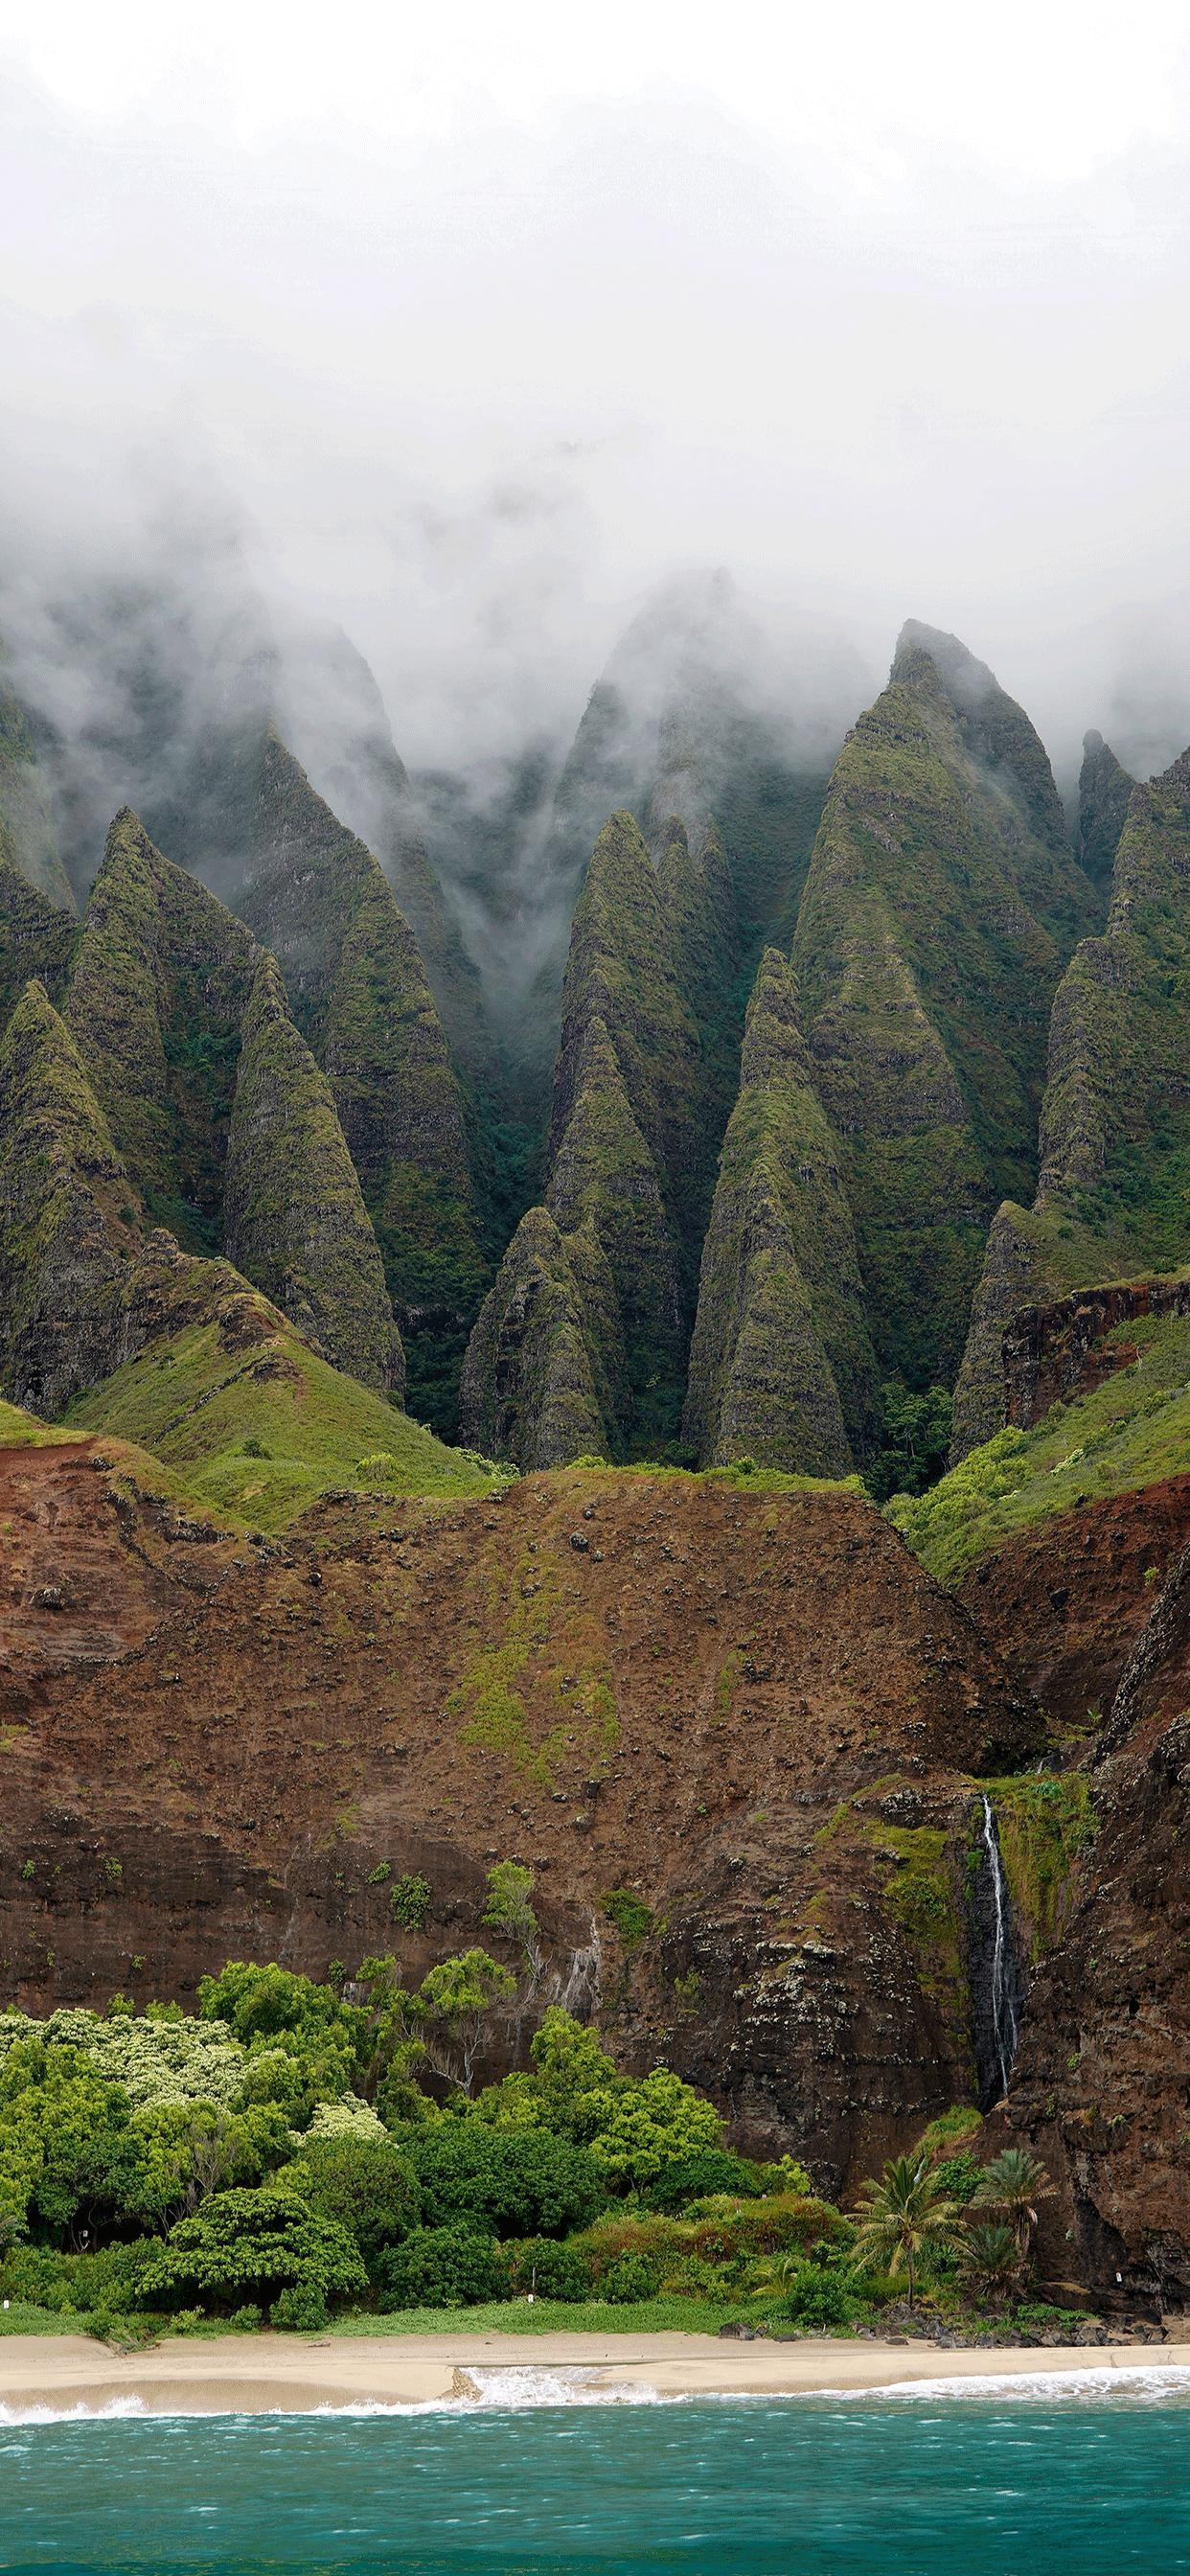 iPhone wallpaper Nā Pali Coast fog Nā Pali Coast